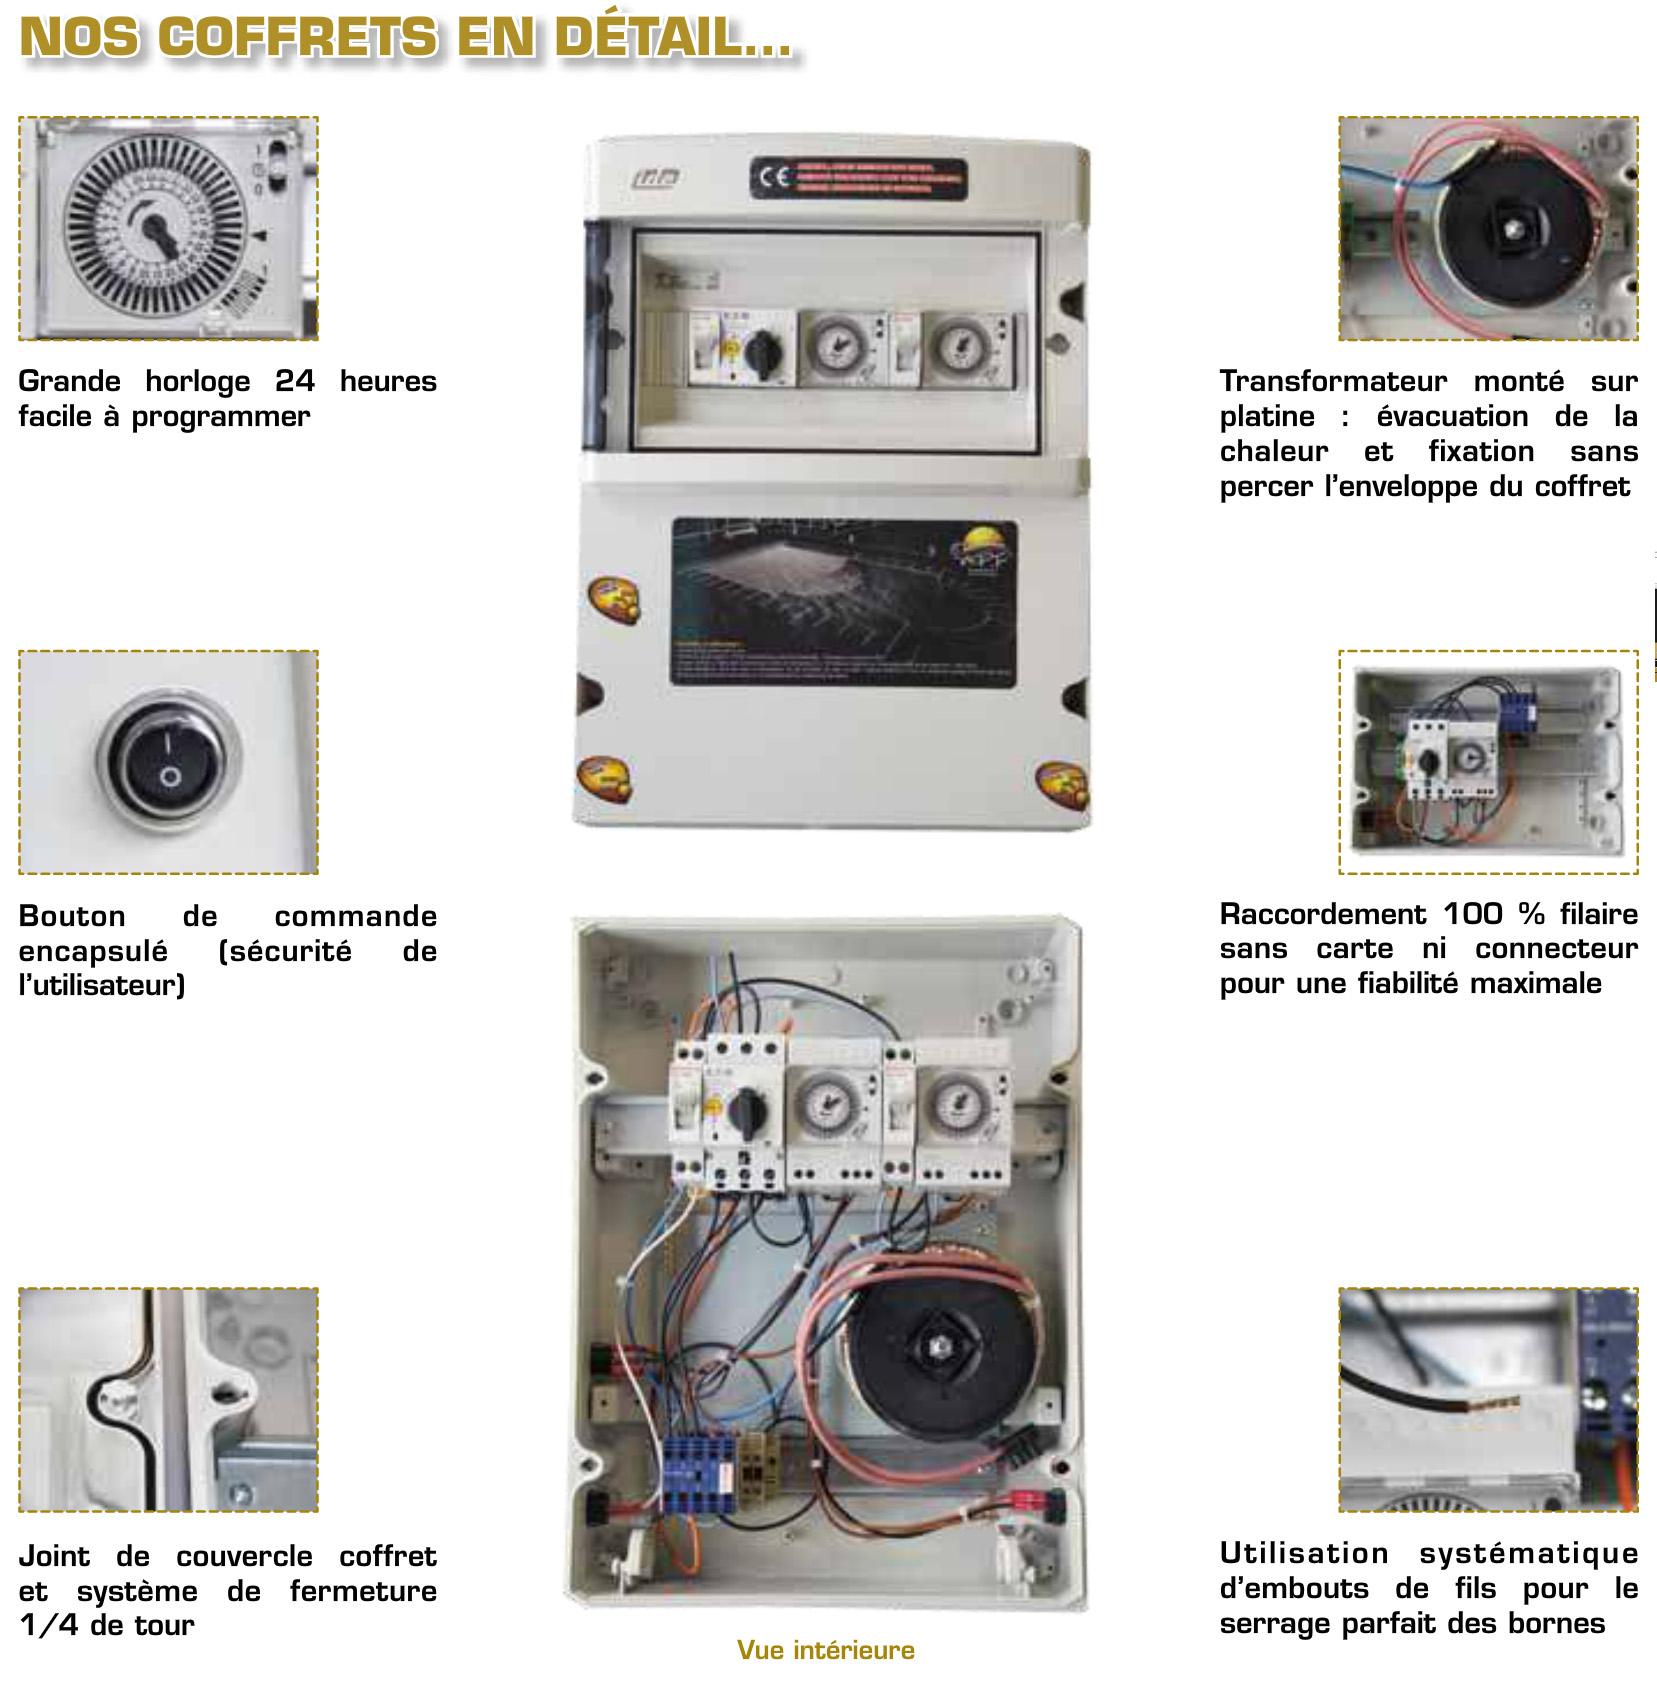 Coffret Électrique Pour Piscine 3 Fonctions -  Madeinblue-Piscine-Coffret Électrique pour Coffret Piscine